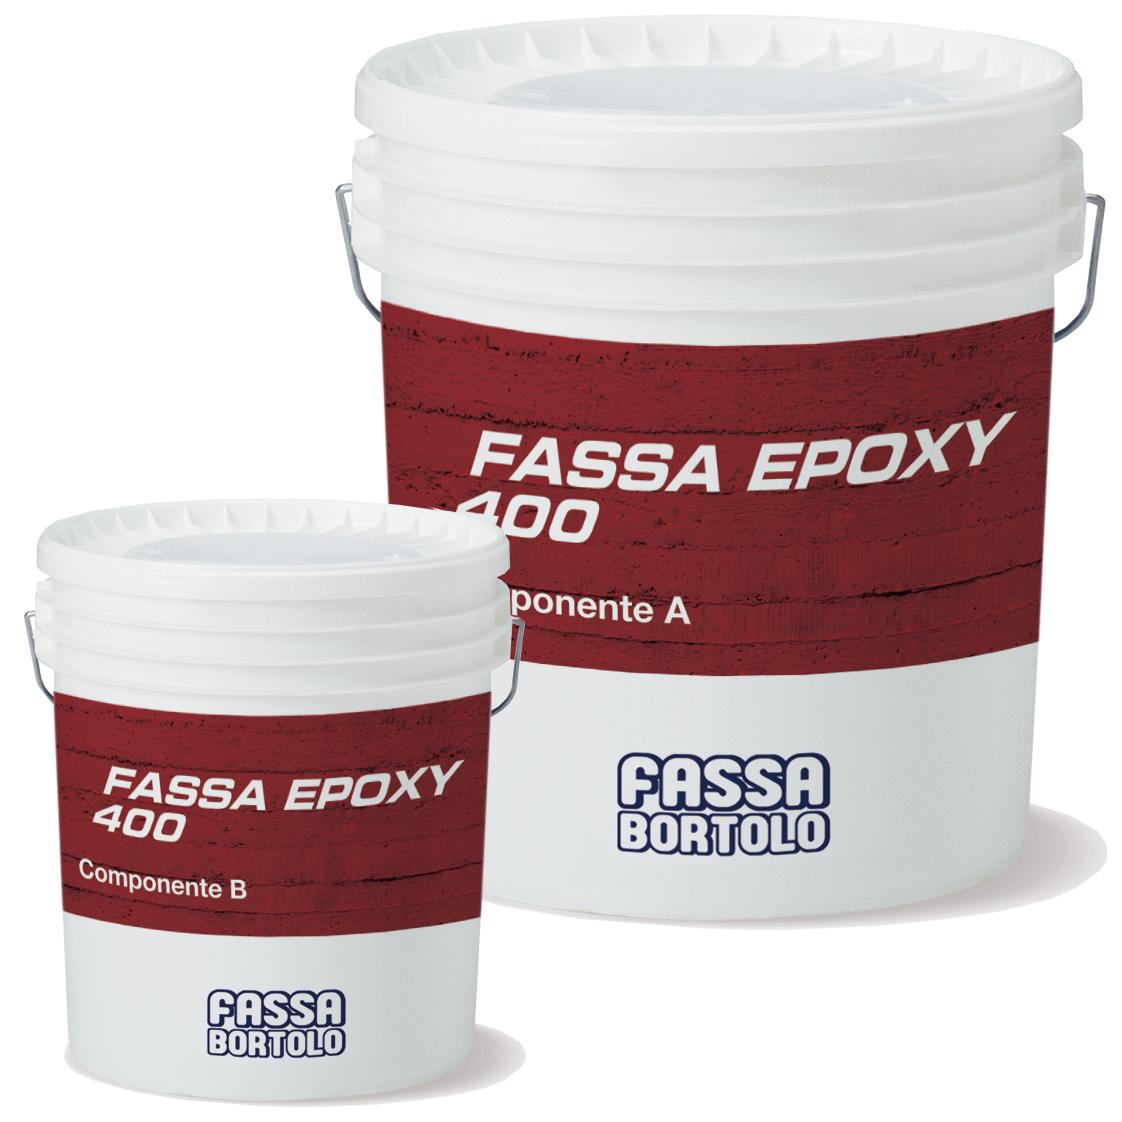 FASSA EPOXY 400: Stucco epossidico per la regolarizzazione di superfici, l'incollaggio strutturale e per la realizzazione di sistemi di rinforzo FASSAPLATE CARBON SYSTEM